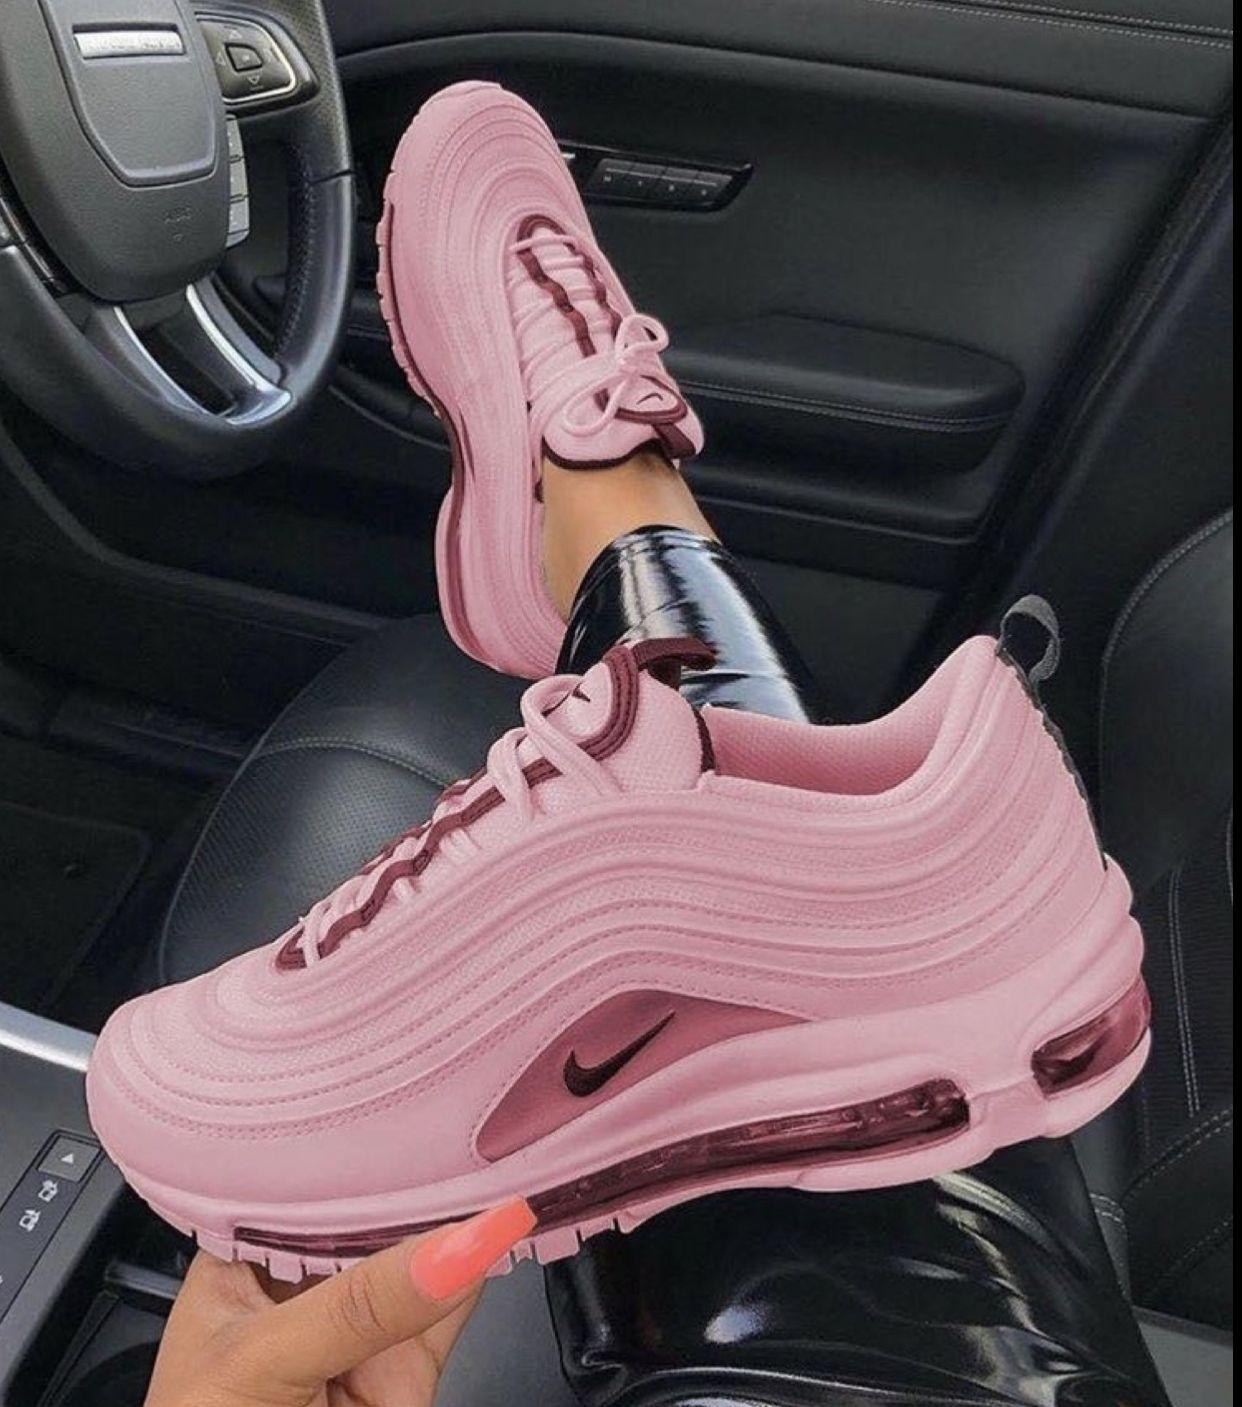 Pin de Delia Maria en Meeee en 2020 | Zapatos nike mujer ...